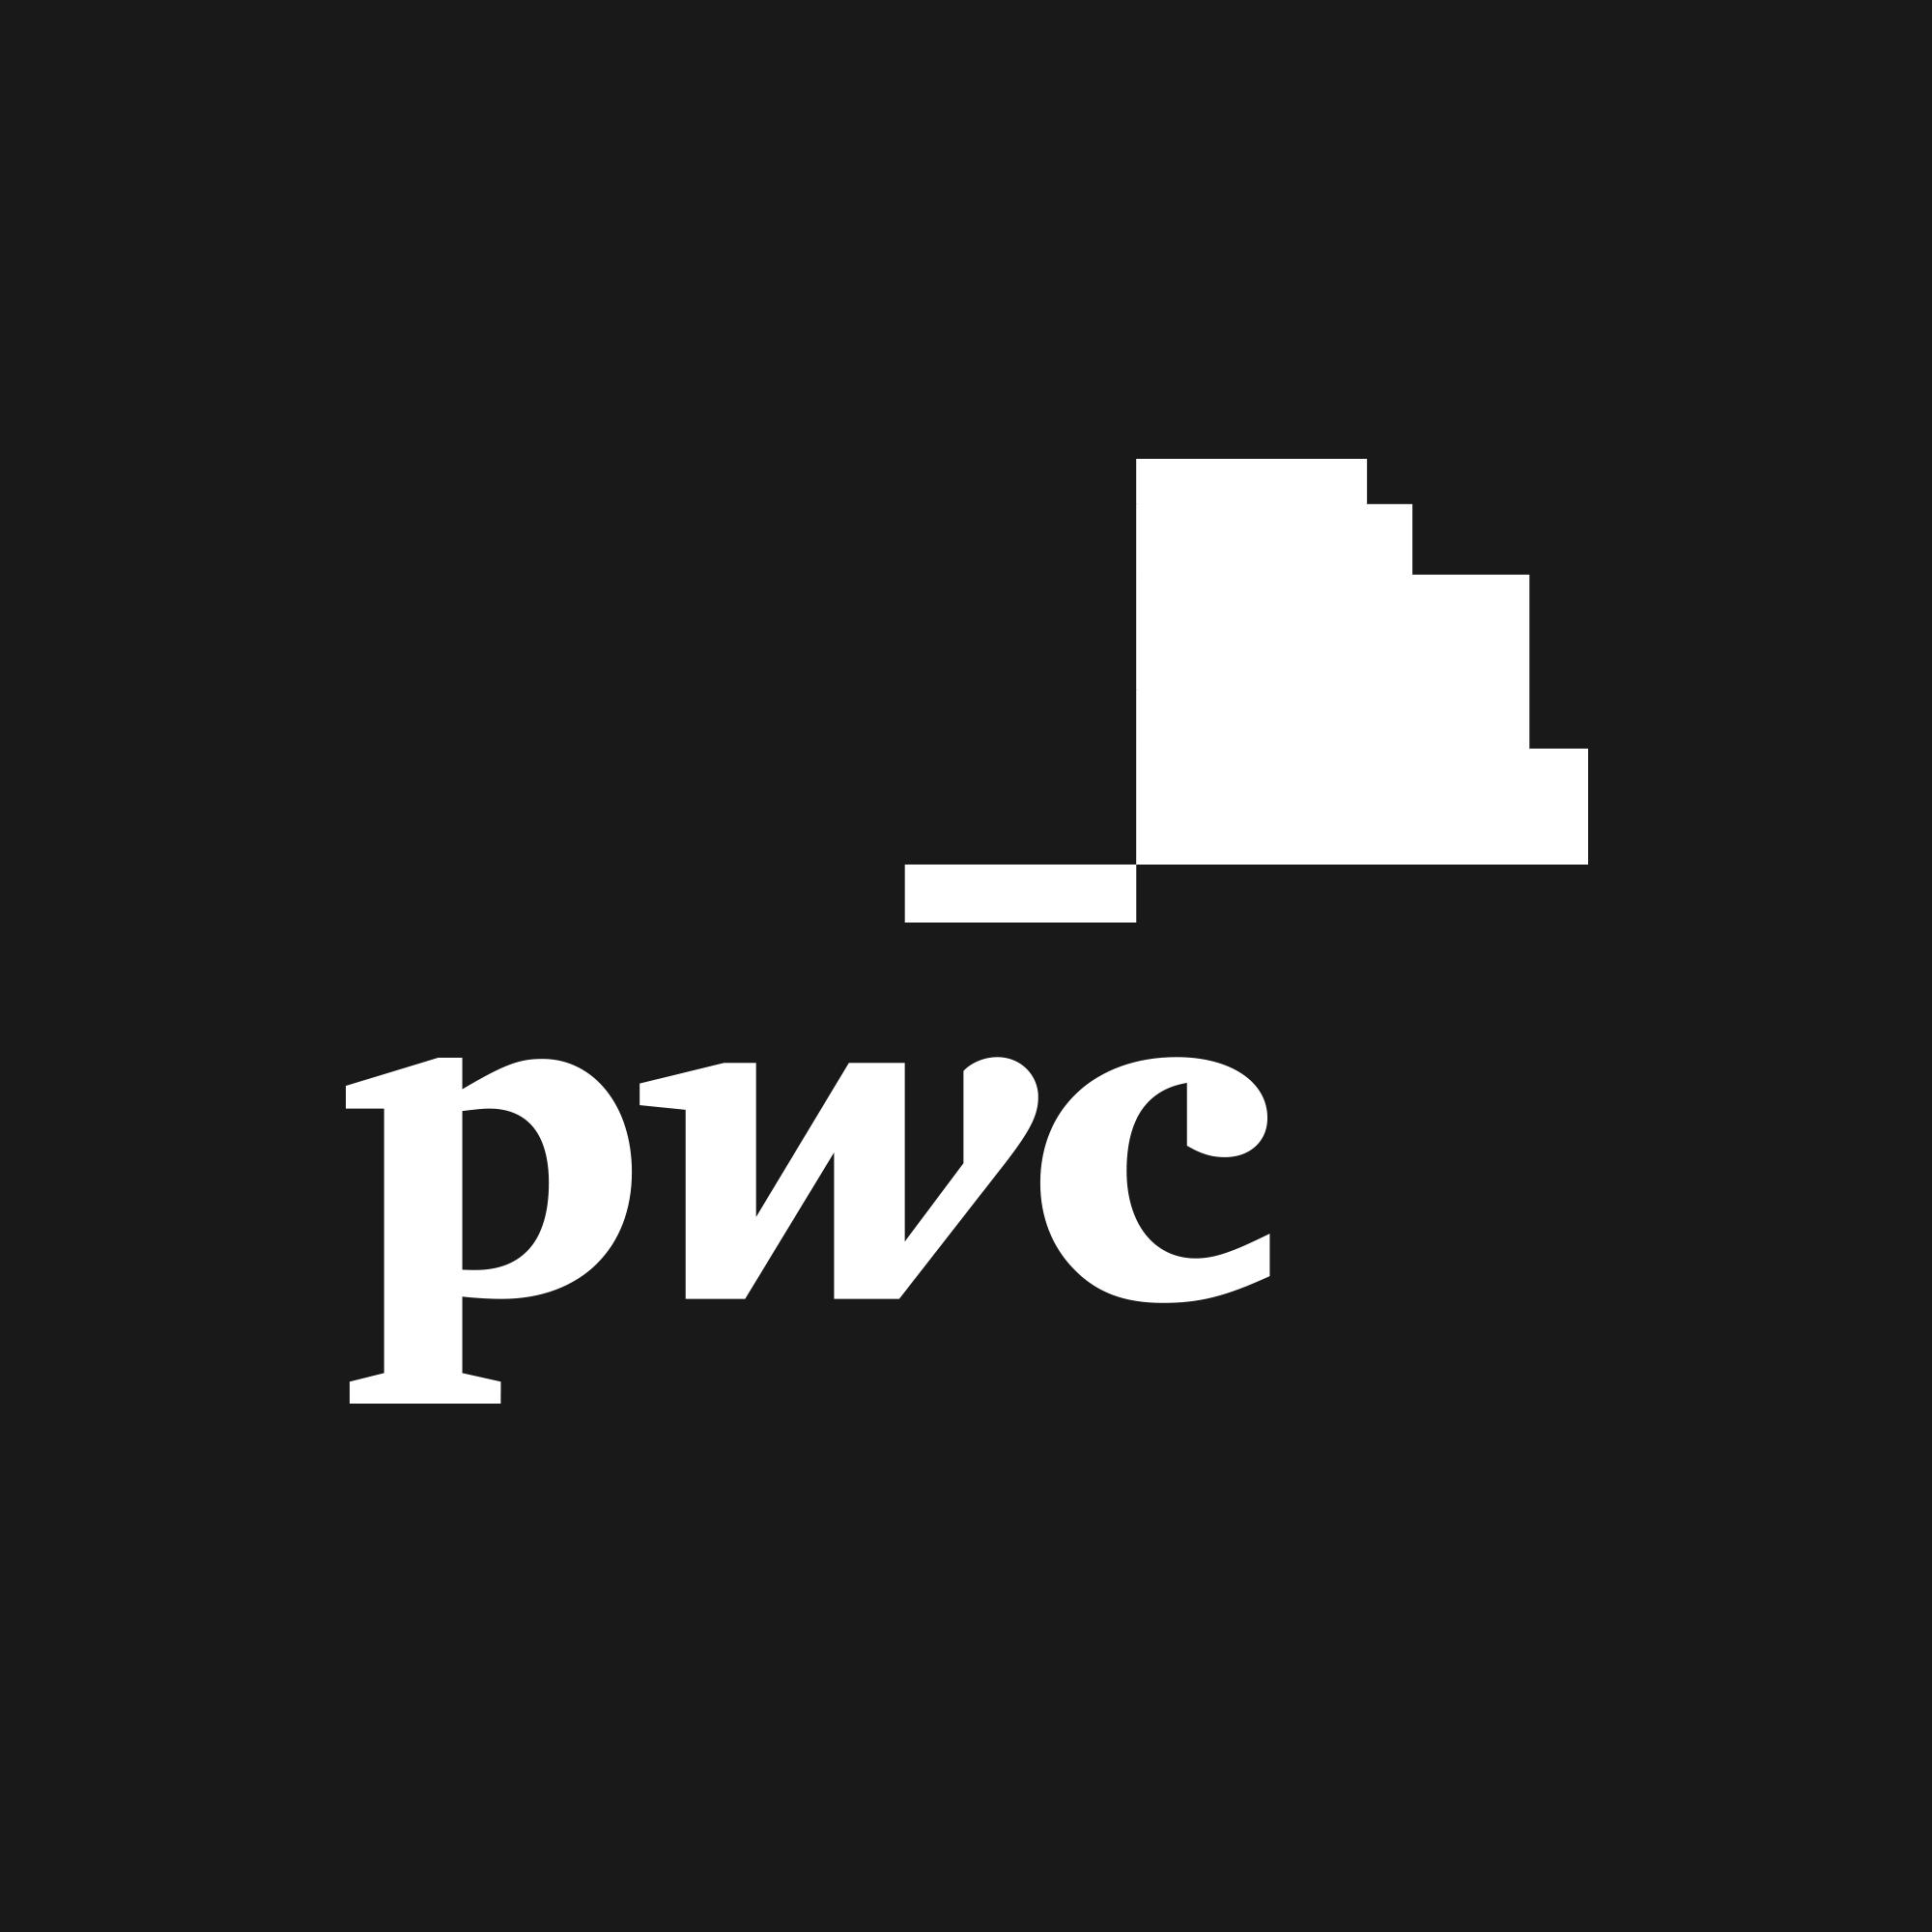 h&p_pwc